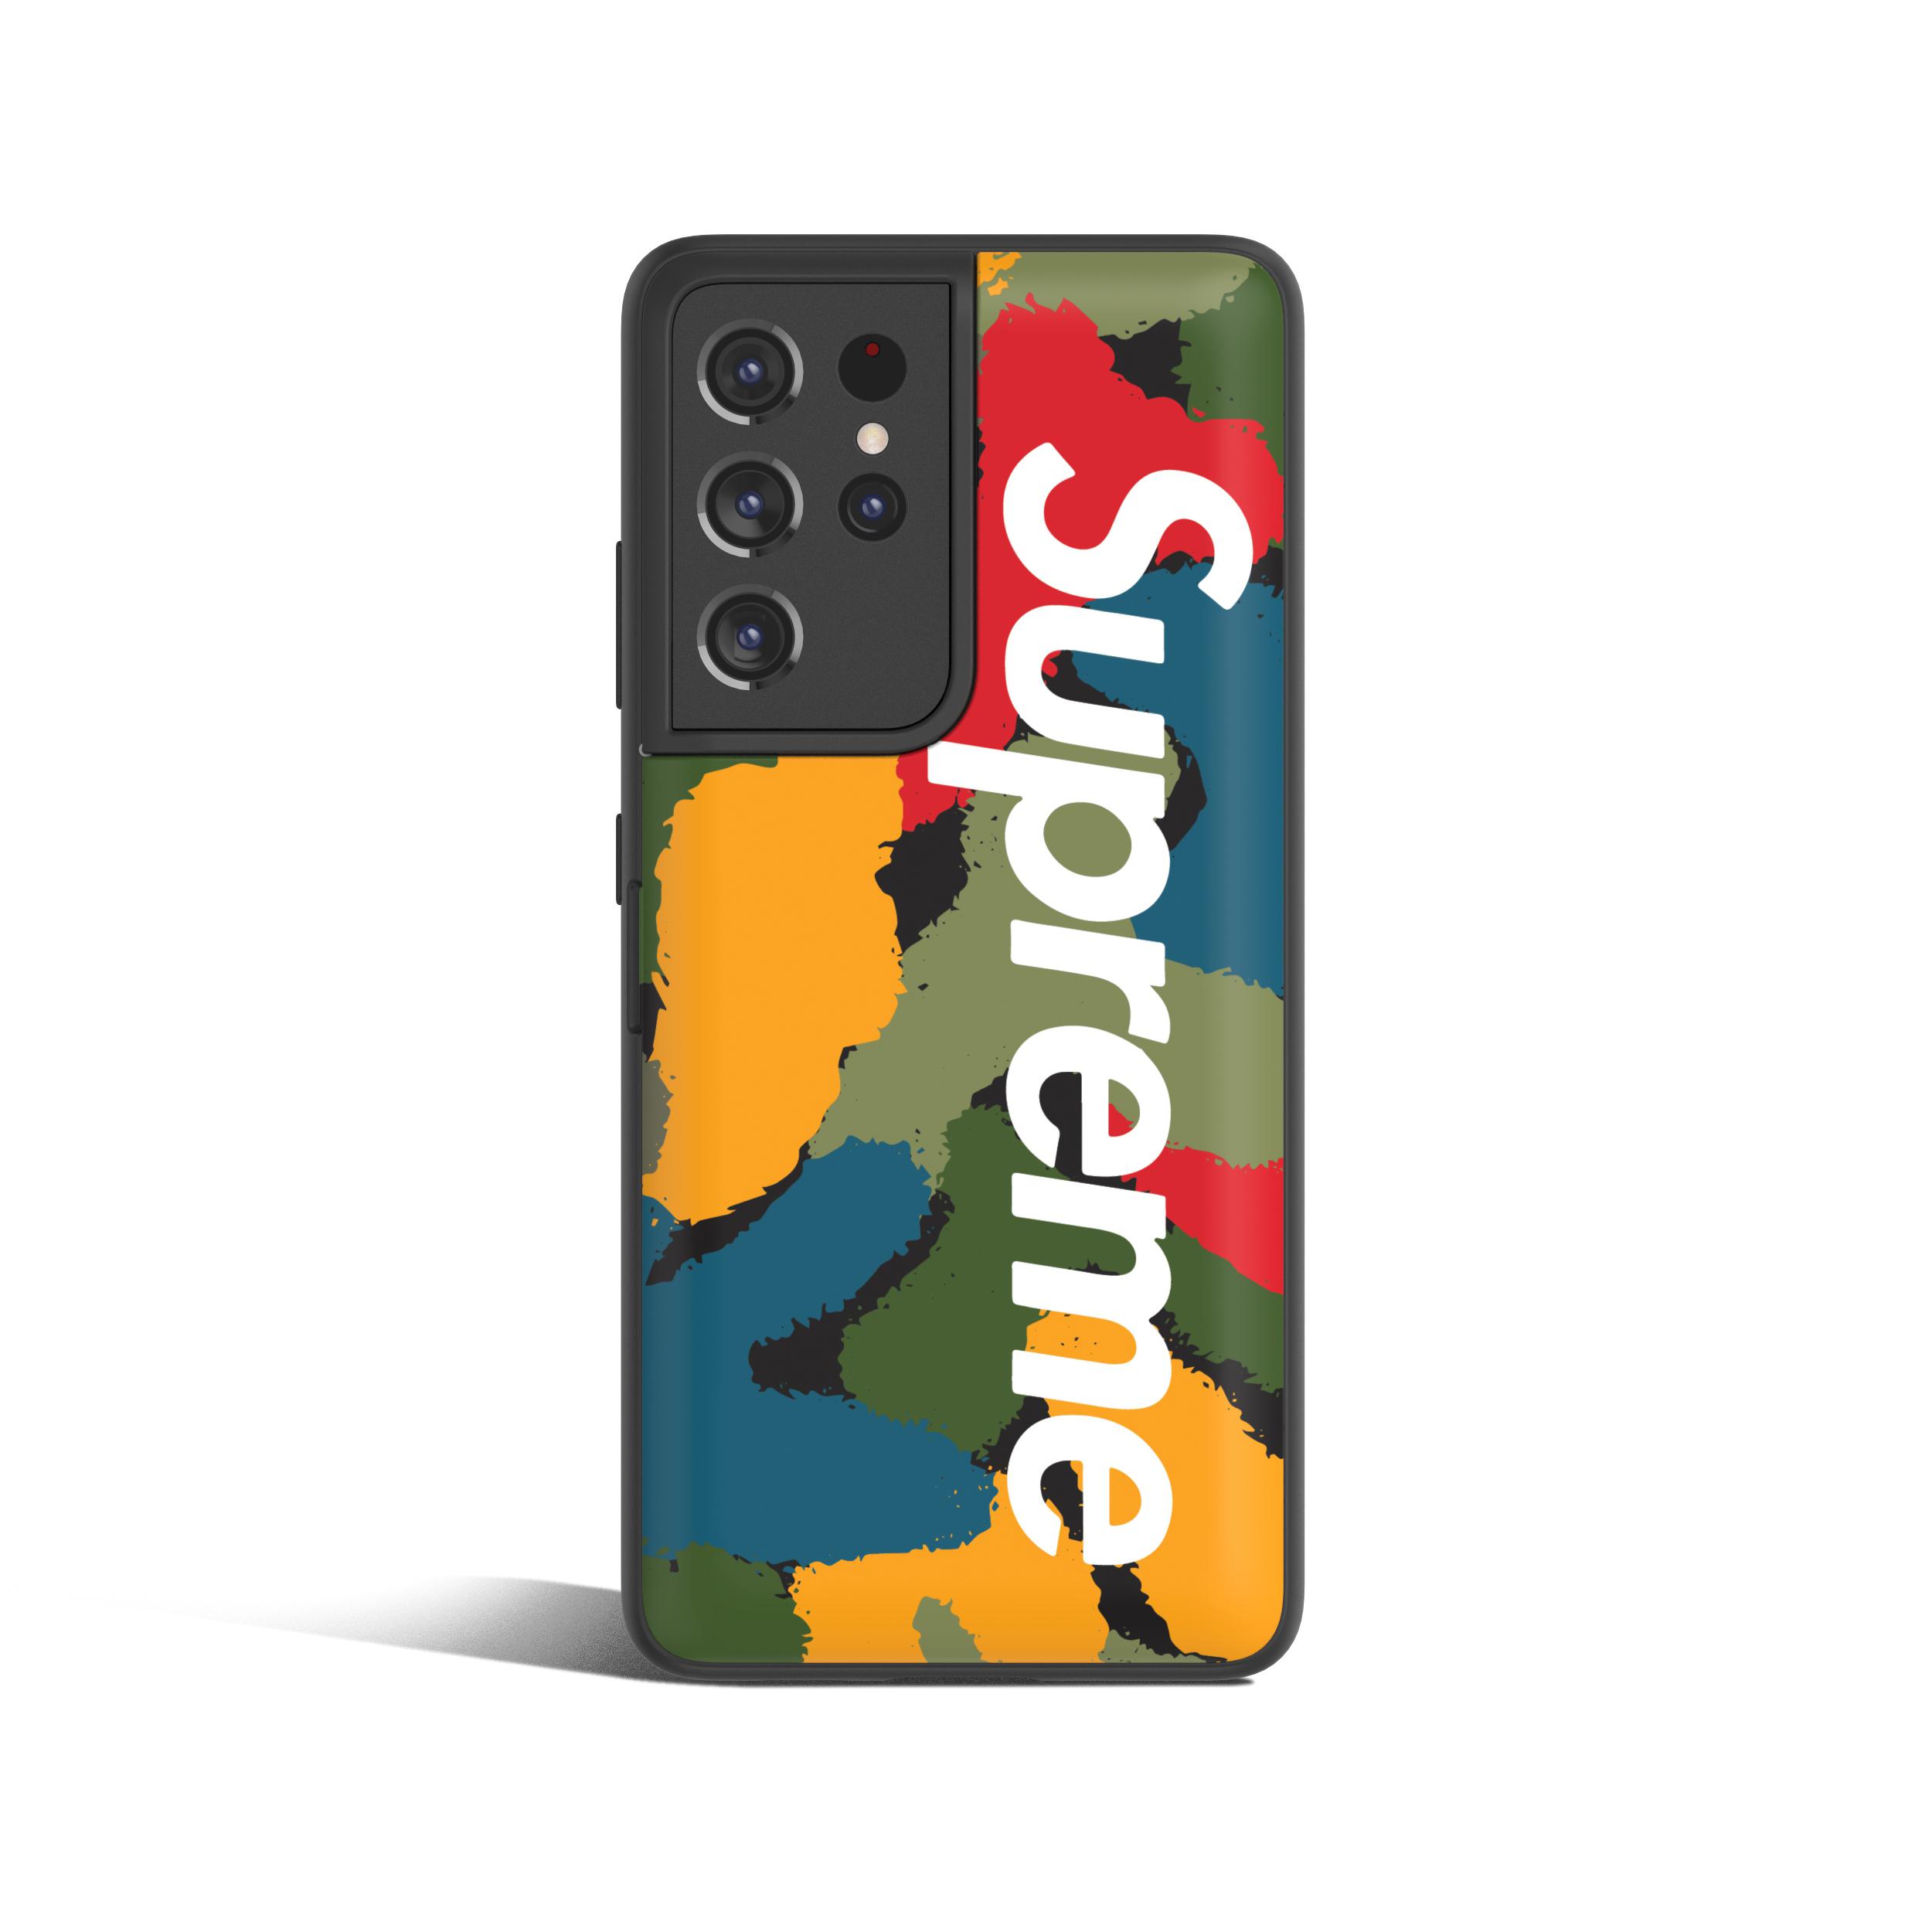 [범퍼케이스] 슈프림 밀리터리 카드 도어범퍼 휴대폰 케이스 - 랭킹59위 (22000원)